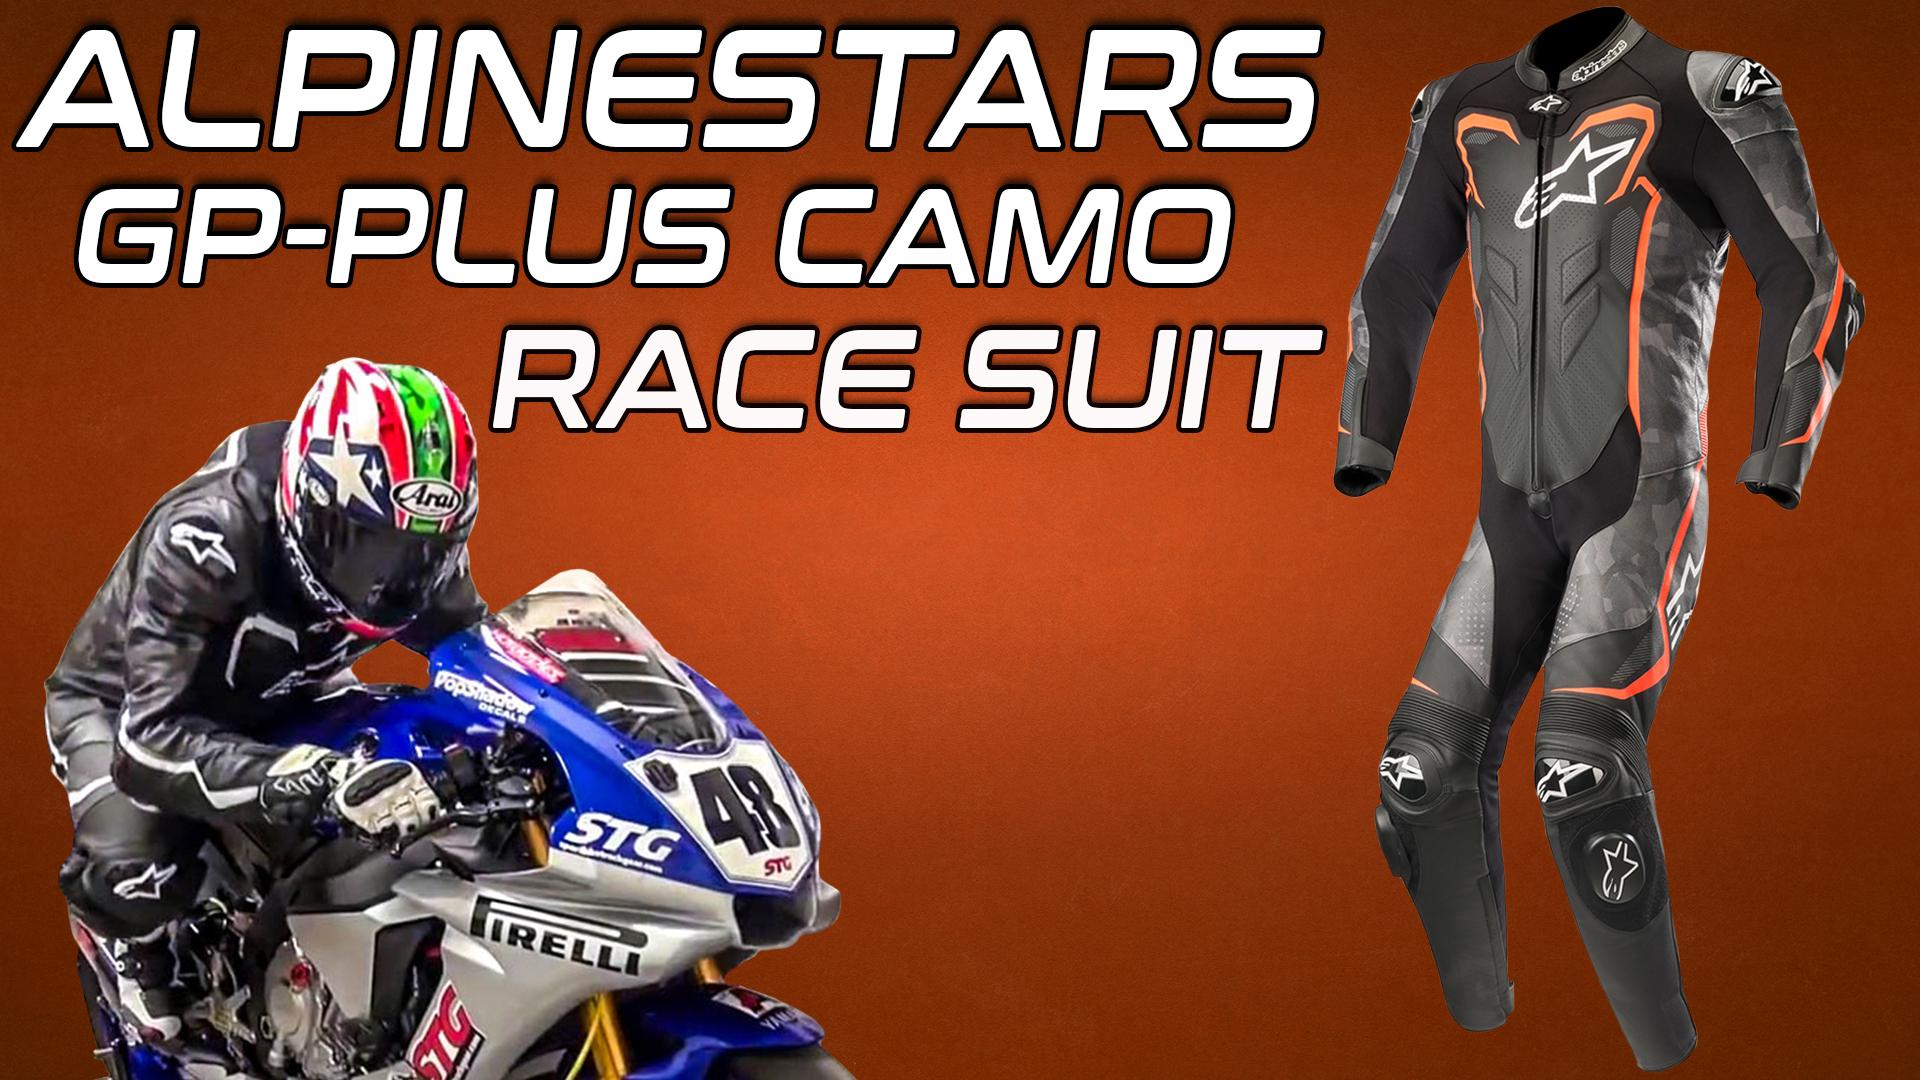 Alpinestars GP Plus Camo Race Suit